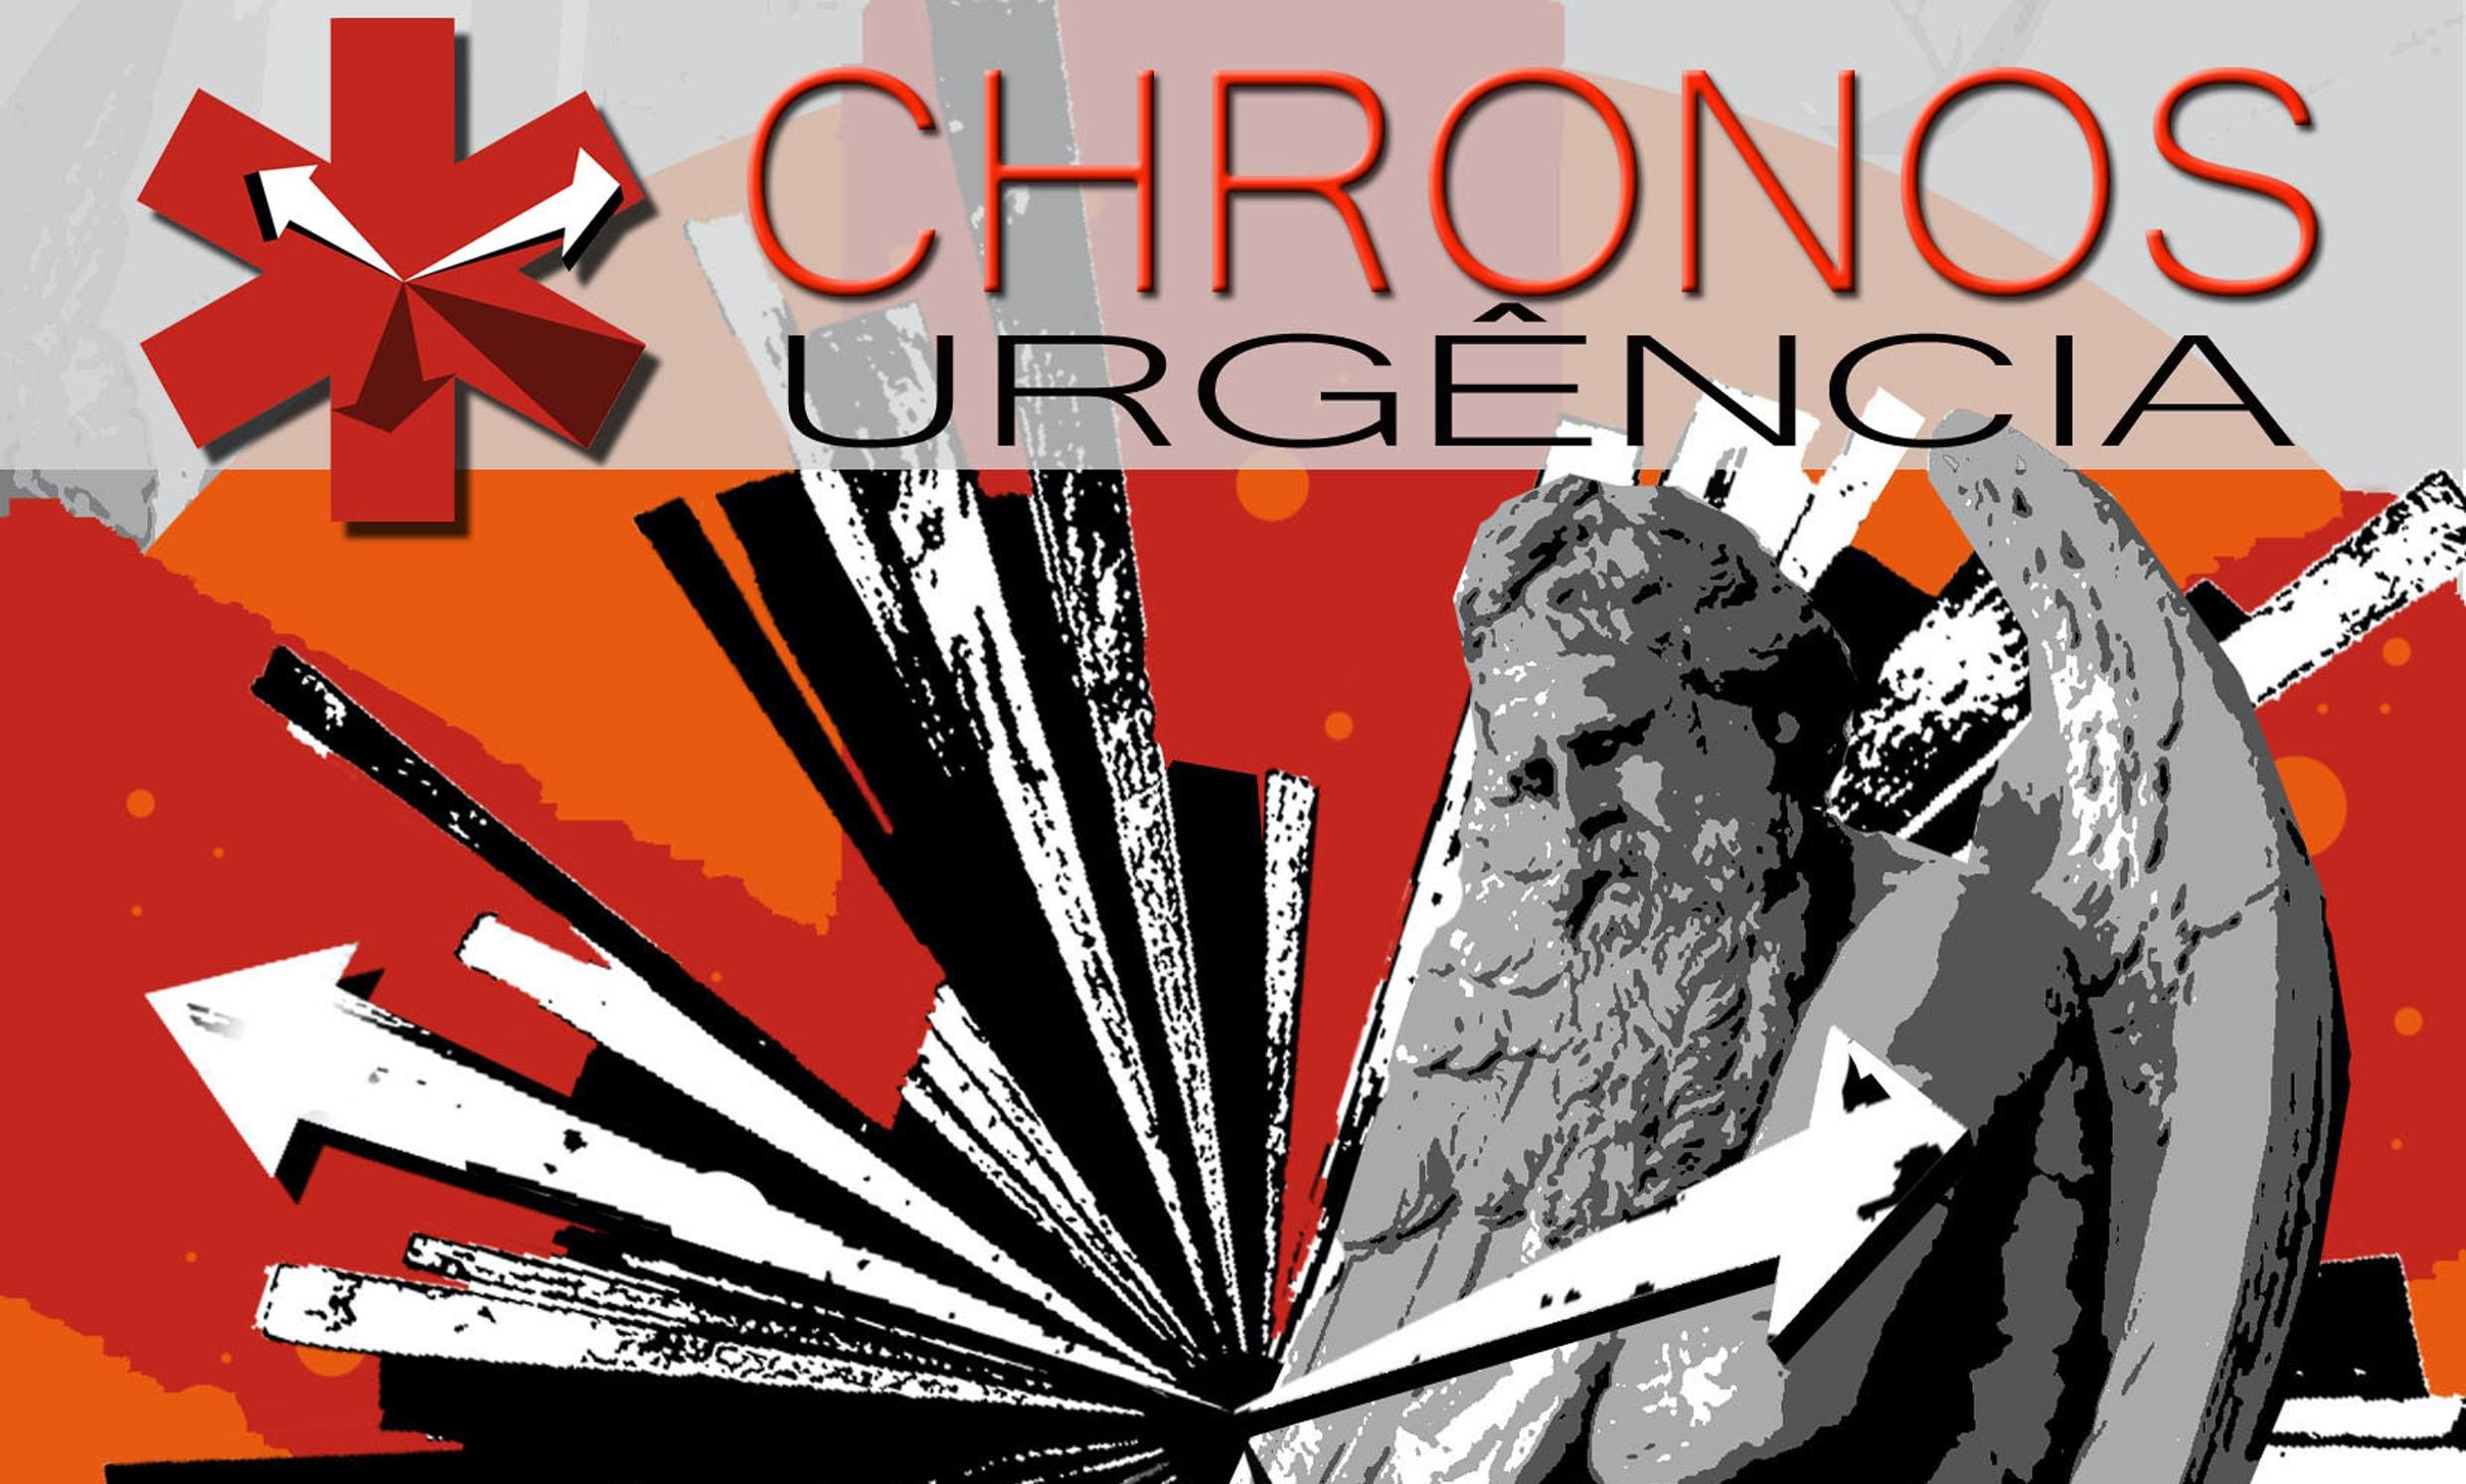 Chronos Urgência